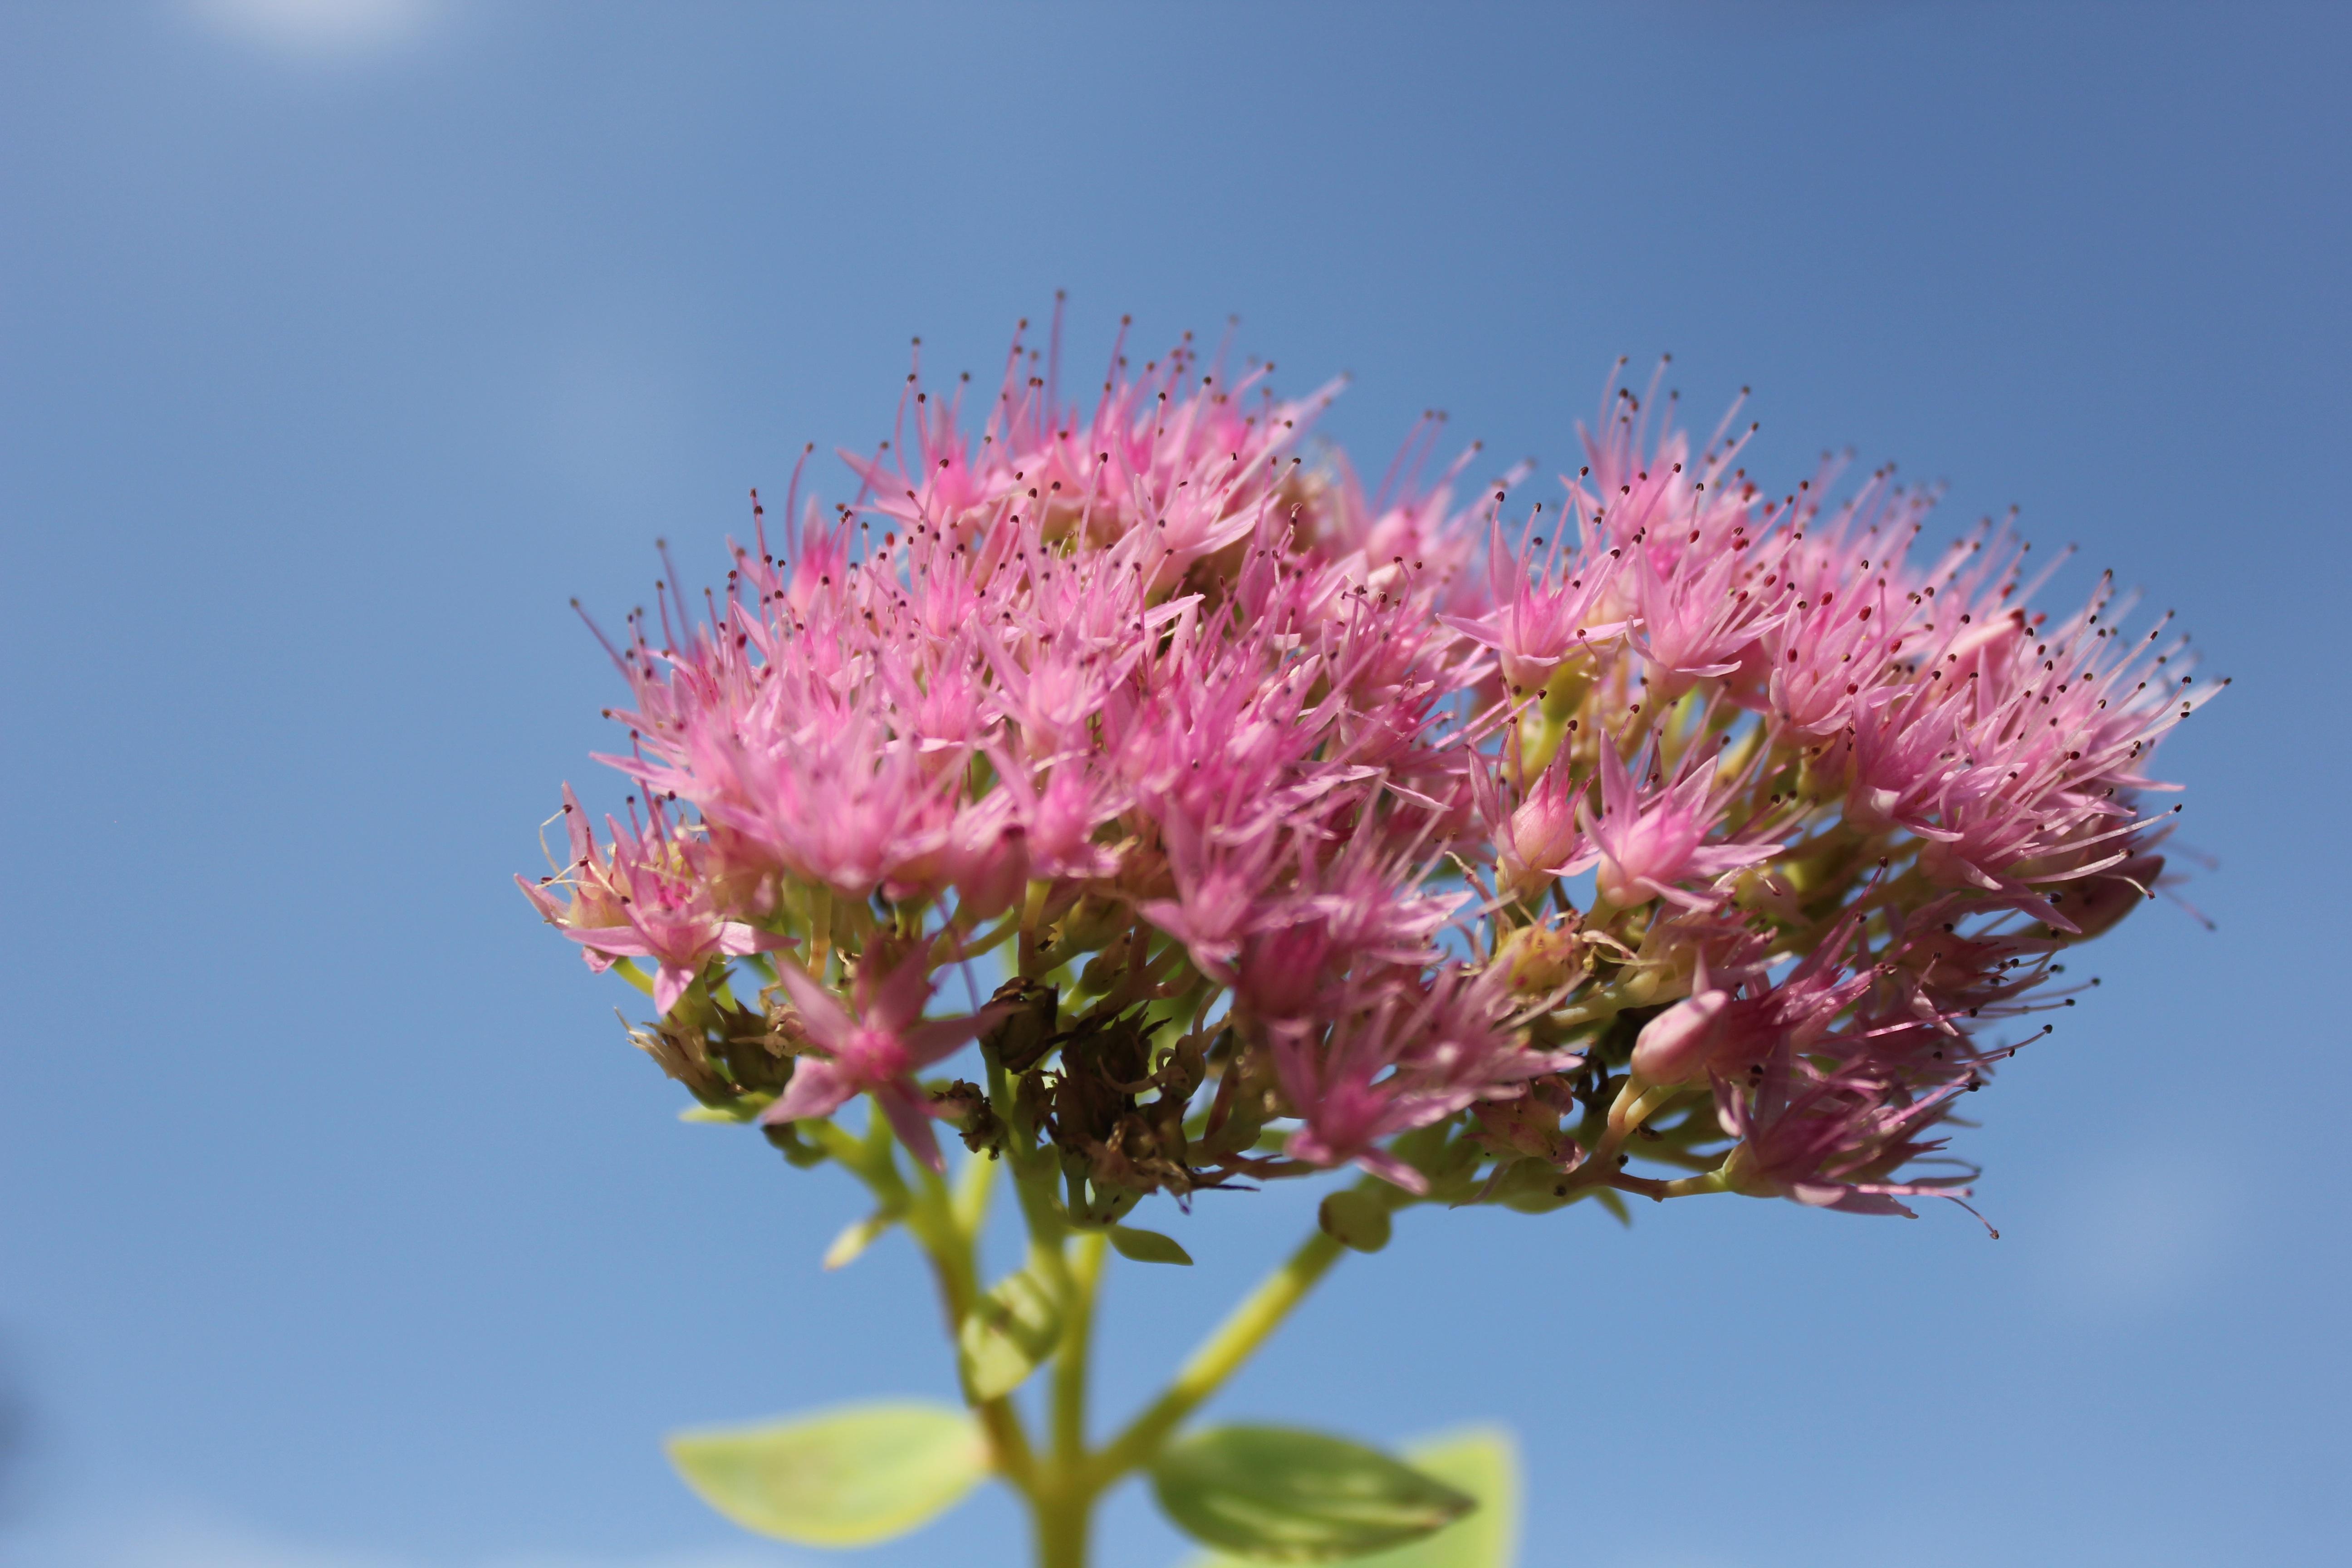 Gambar Pohon Cabang Mekar Menanam Daun Bunga Surga Botani Biru Berwarna Merah Muda Flora Bunga Liar Bunga Ungu Belukar Fotografi Makro Tanaman Berbunga Tanaman Tanah 5184x3456 482330 Galeri Foto Pxhere